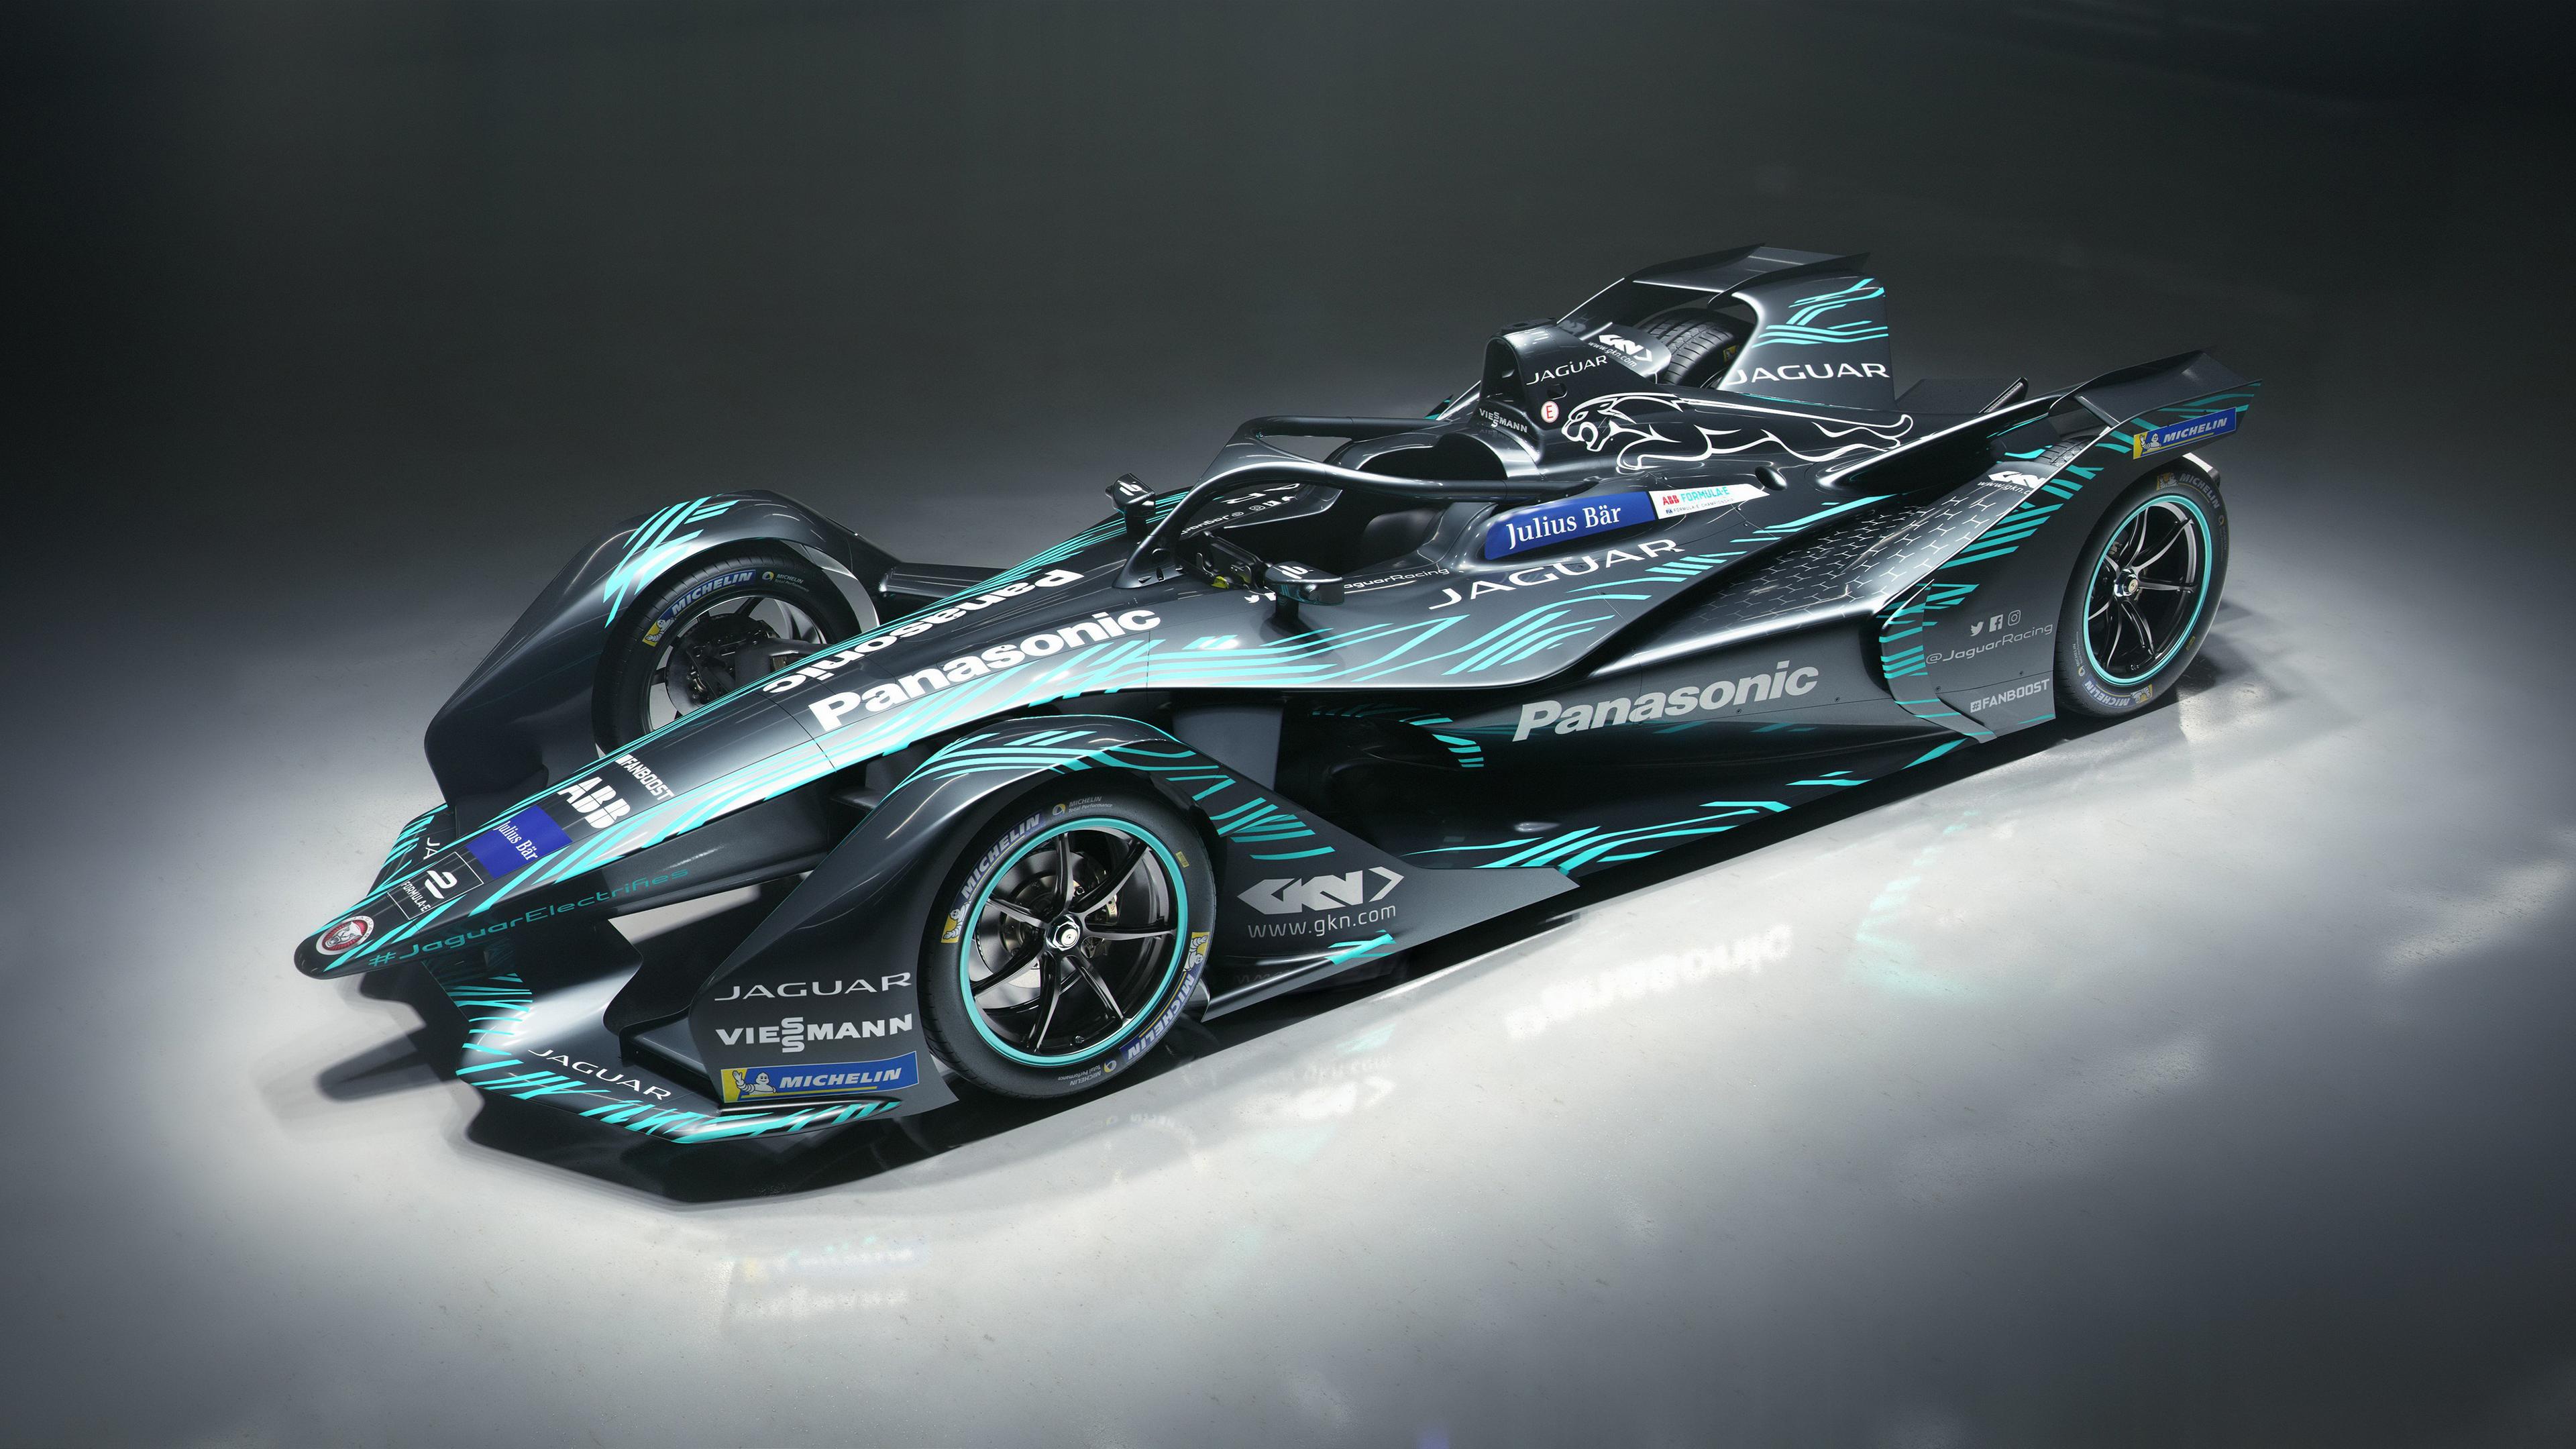 Jaguar I Type Electric Formula E Car 4k Wallpaper Download High